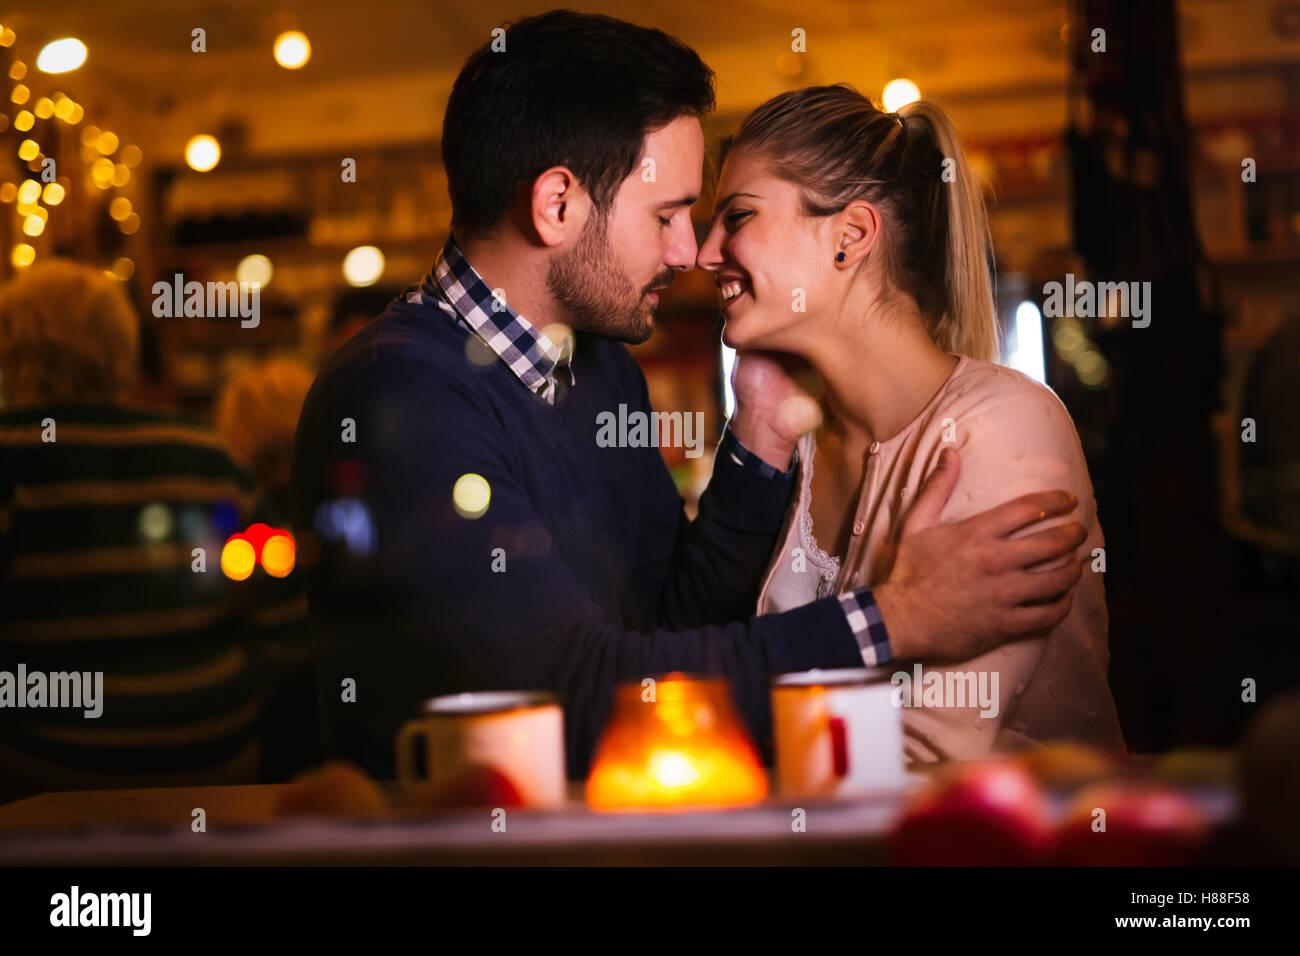 En couple romantique à valentines nuit en pub Photo Stock